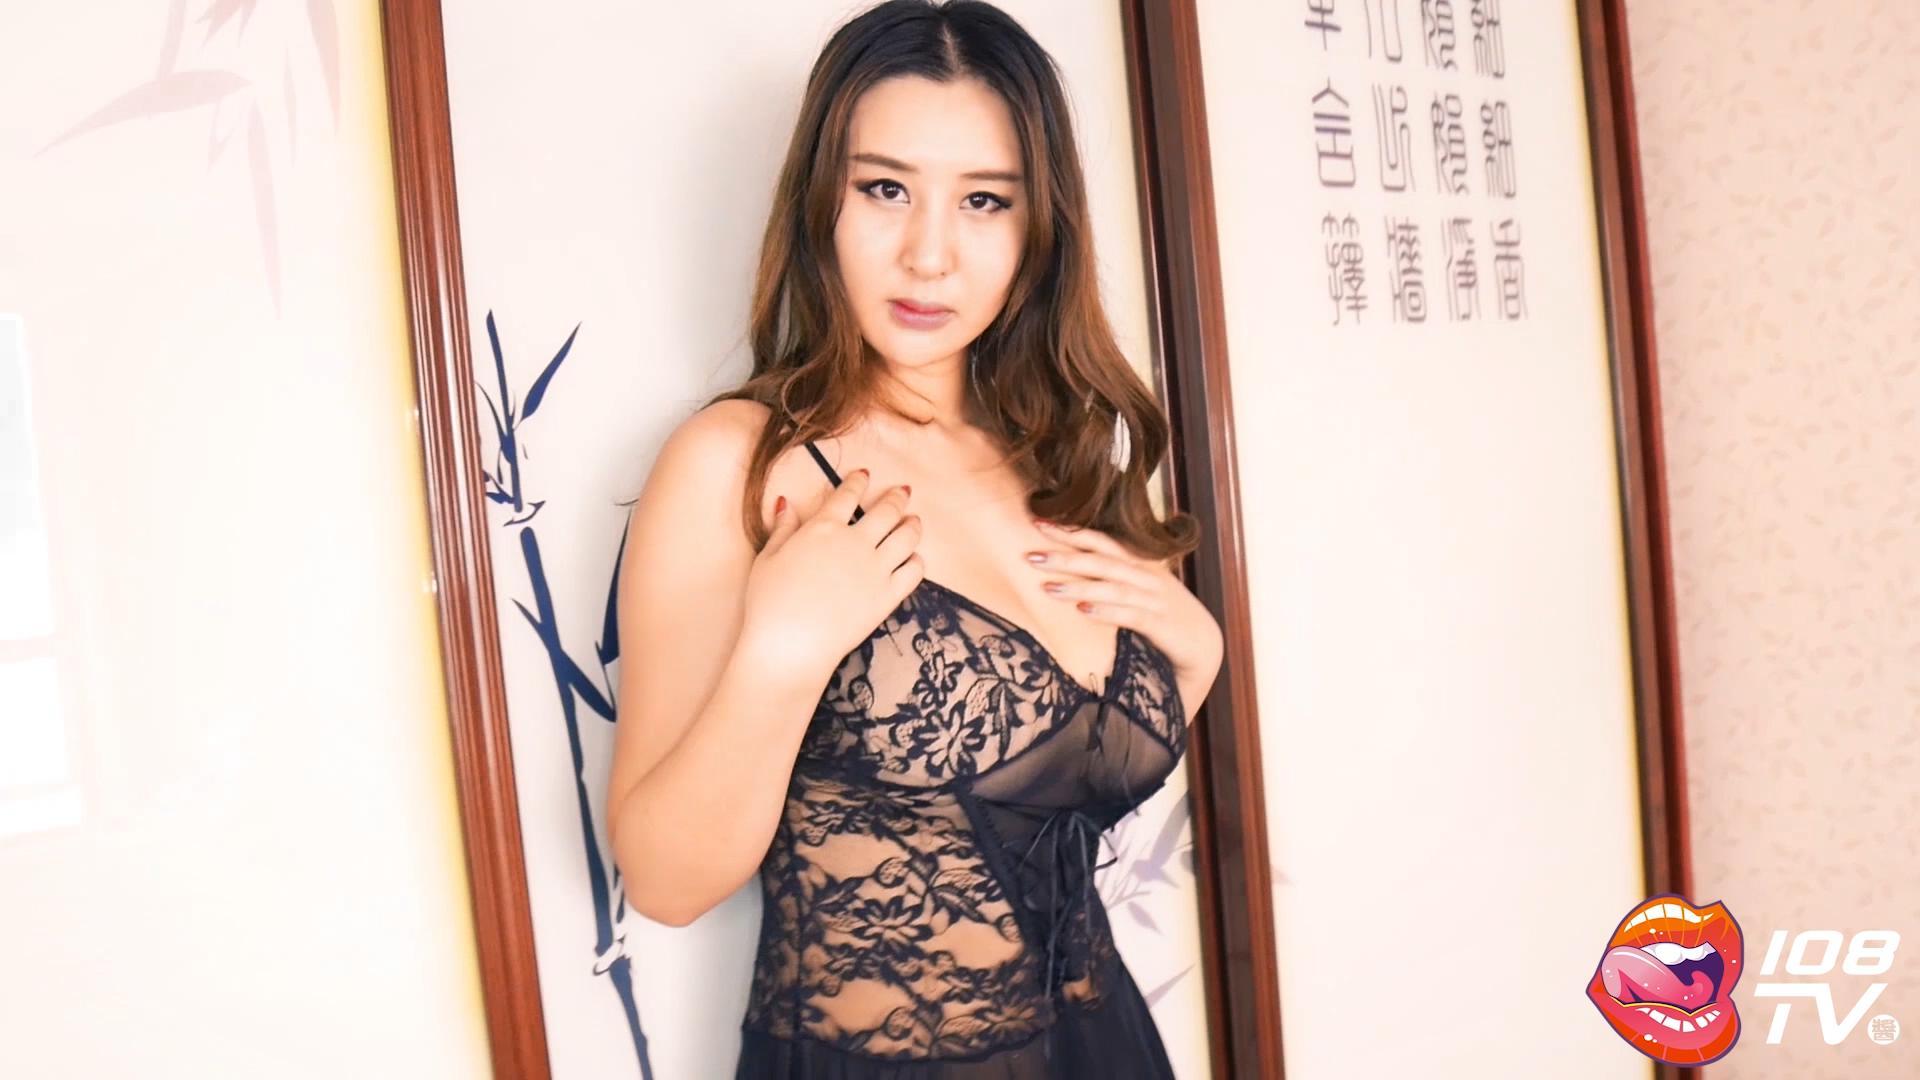 [108酱TV] 王大小姐 – 女王系女神 [1V/2.38GB]